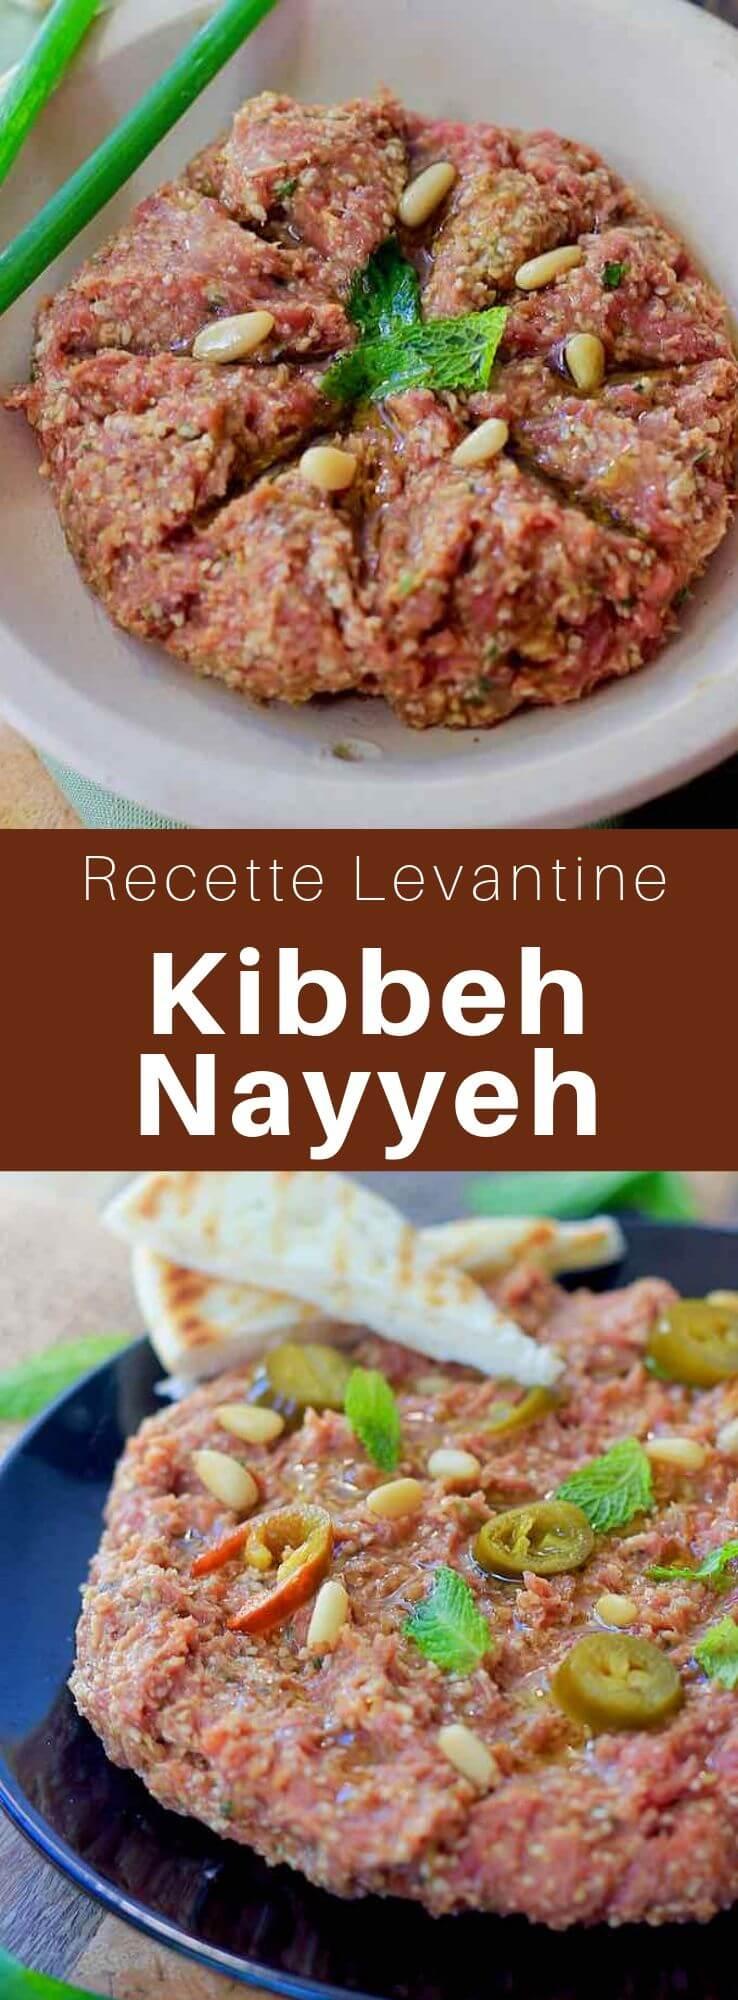 Fait de viande crue, le kebbé nayé (ou kebbeh nayyeh) est finement moulue mélangée avec du boulgour, des oignons, de la menthe et des épices, puis arrosée d'huile d'olive. #CuisineMoyenOrientale #MoyenOrient #CuisineArabe #RecetteArabe #CuisineDuMonde #196flavors